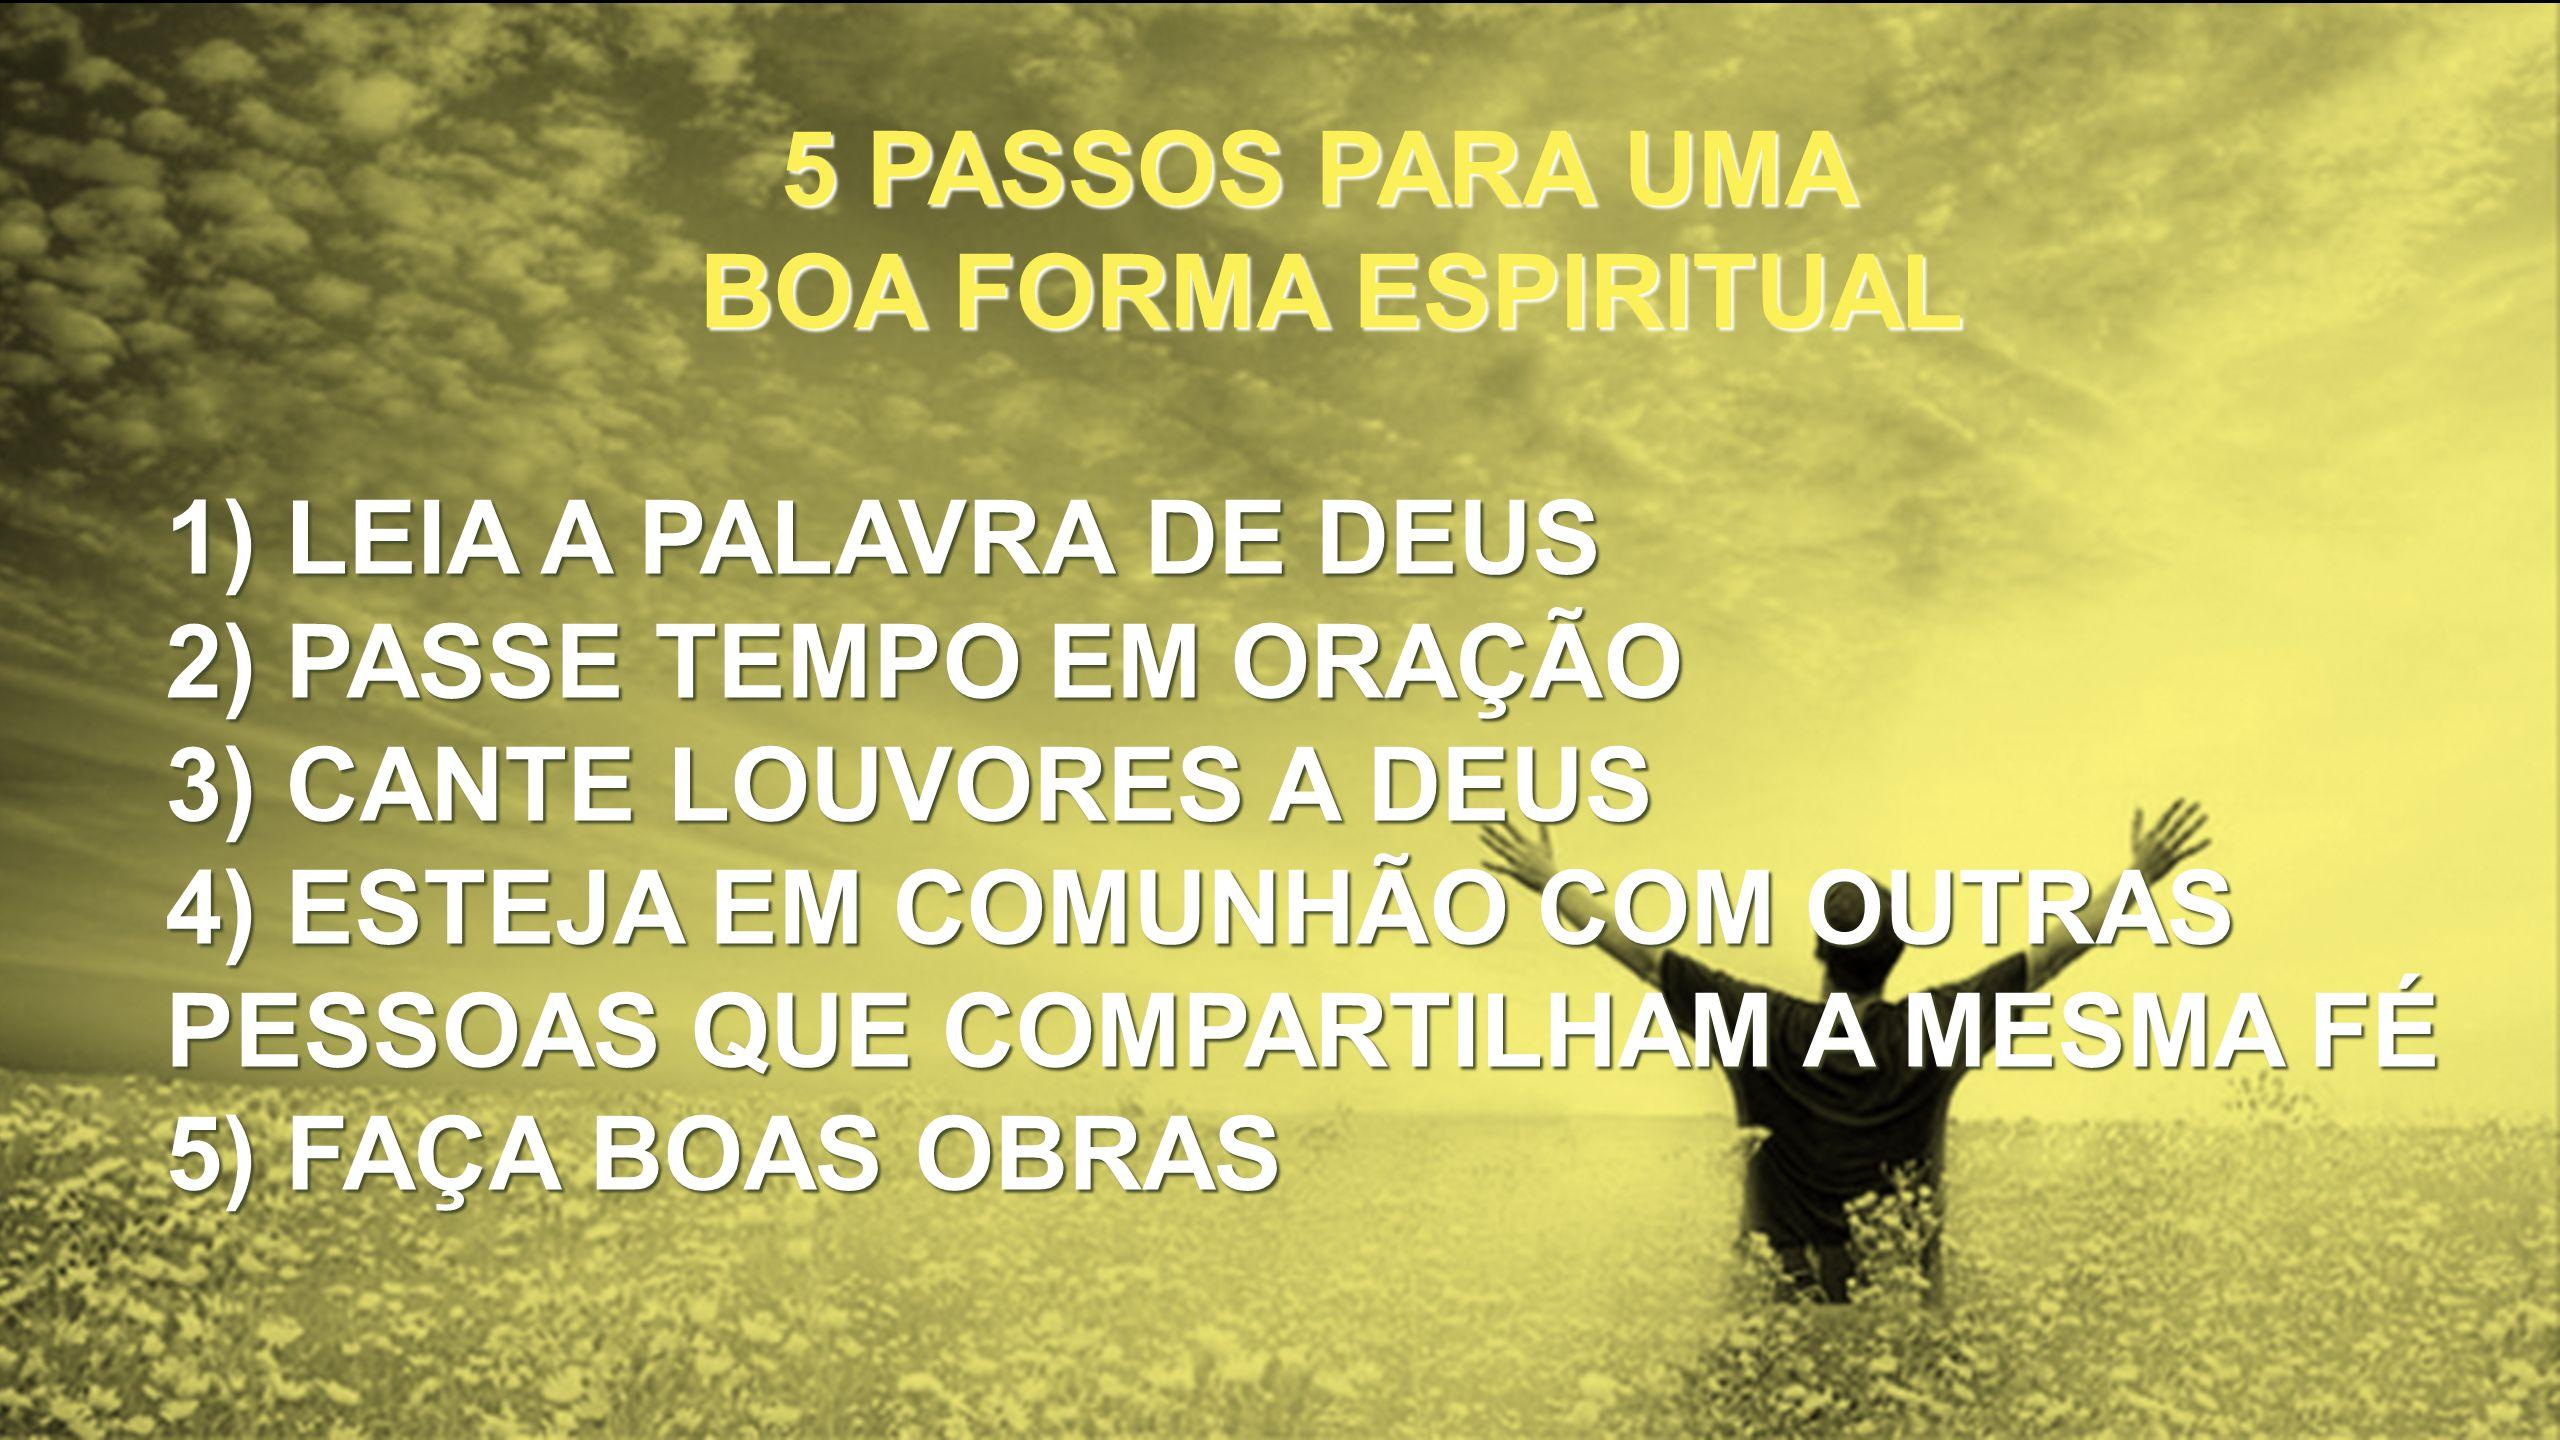 5 PASSOS PARA UMA BOA FORMA ESPIRITUAL. 1) LEIA A PALAVRA DE DEUS. 2) PASSE TEMPO EM ORAÇÃO. 3) CANTE LOUVORES A DEUS.